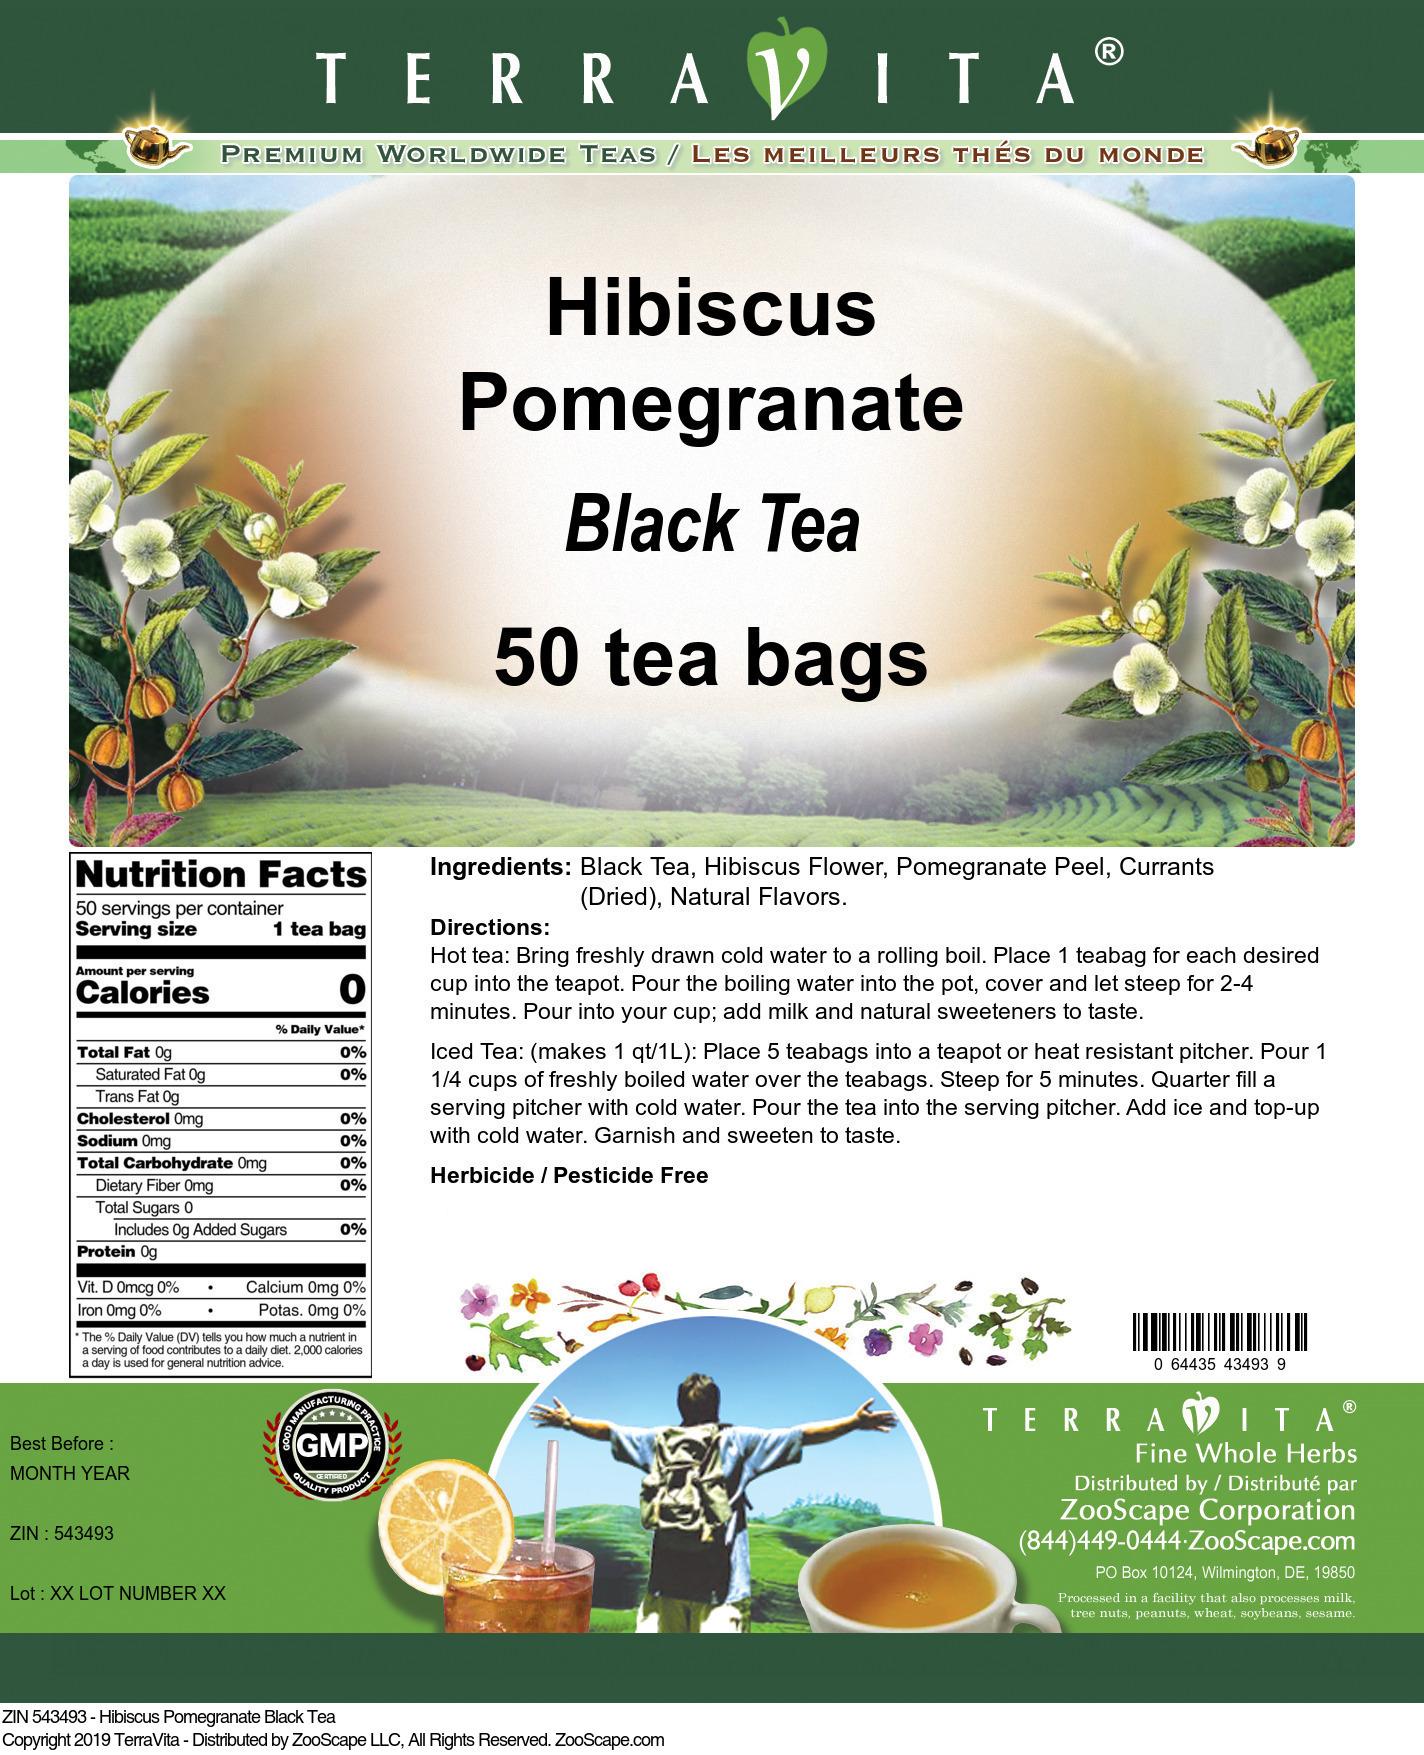 Hibiscus Pomegranate Black Tea